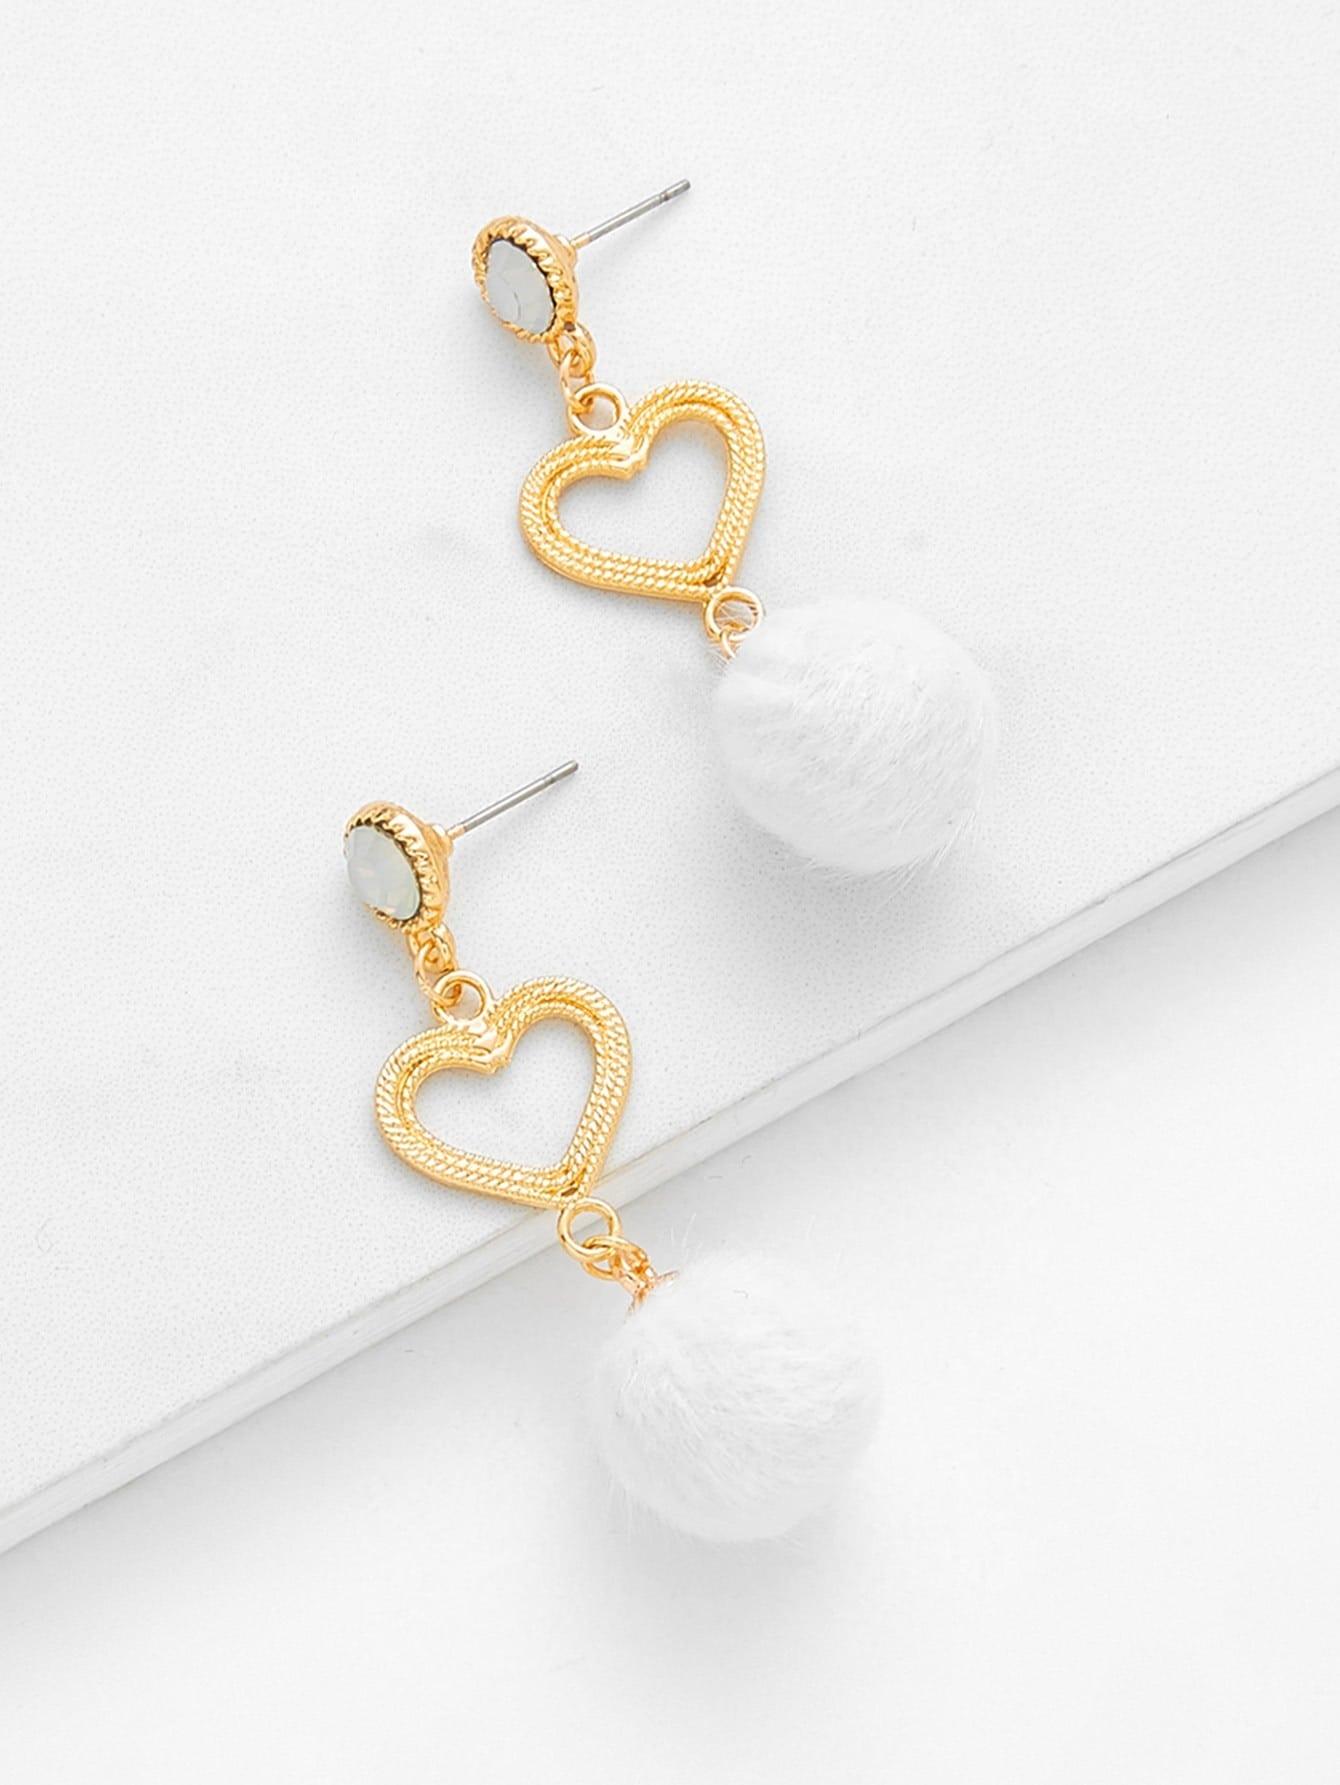 Hollow Heart & Pom Pom Design Drop Earrings pom pom drop earrings